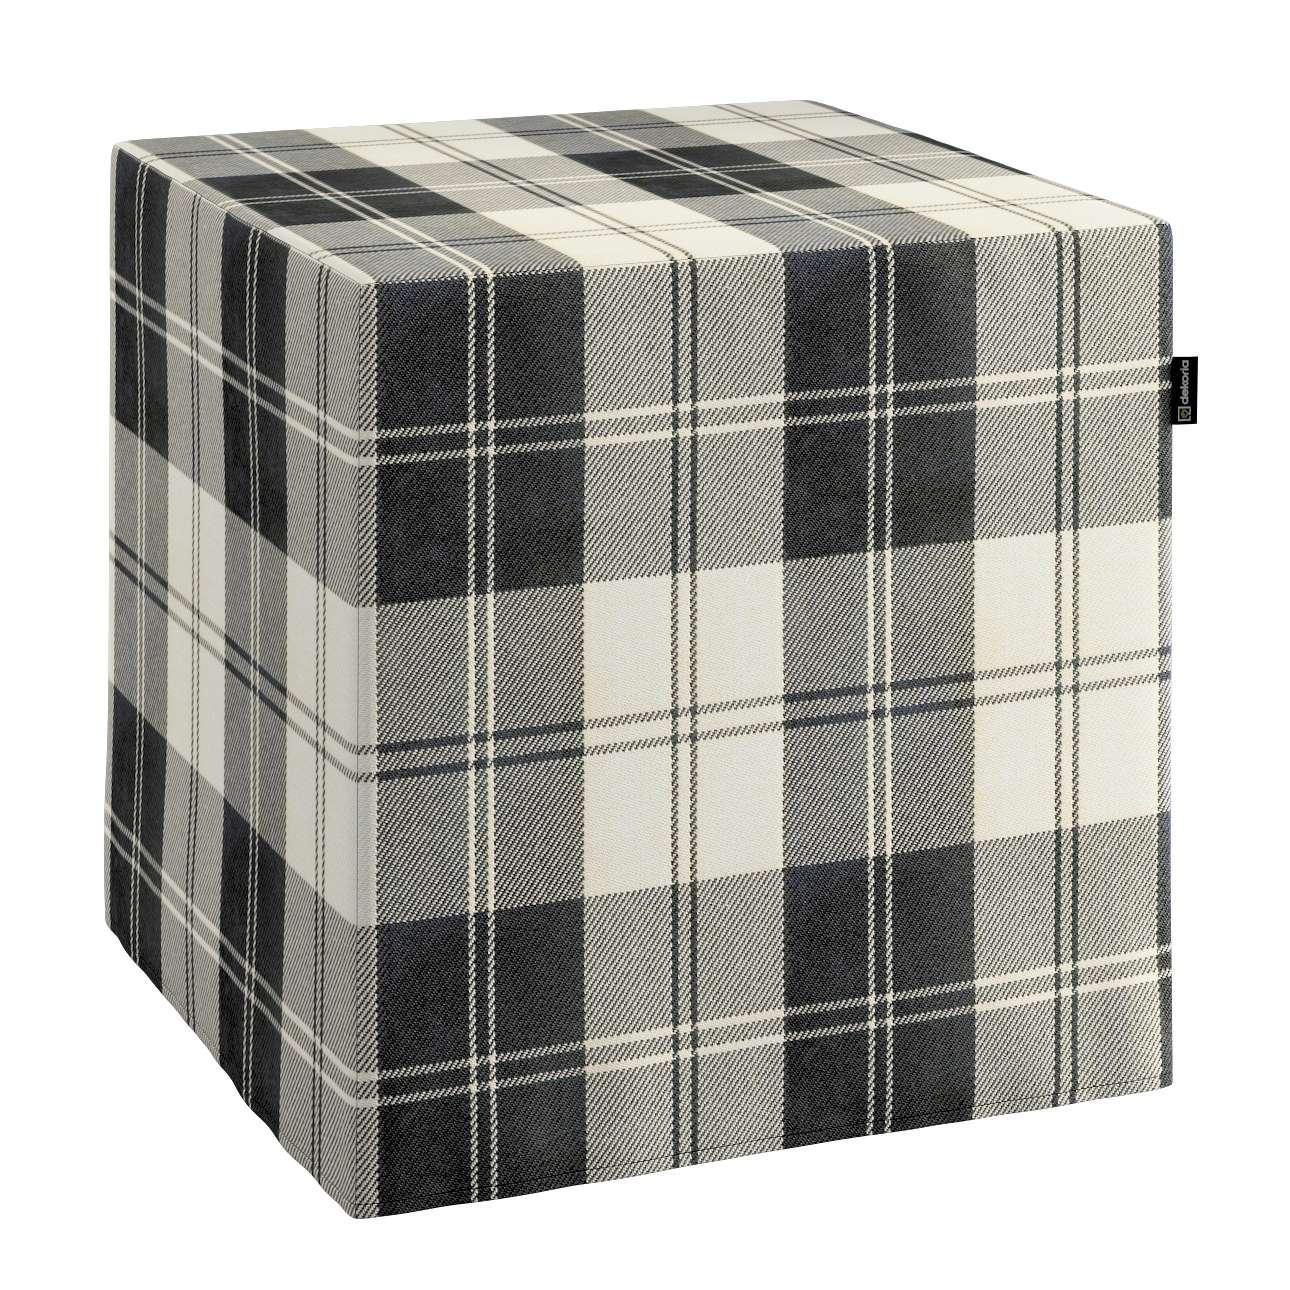 Pokrowiec na pufę kostke kostka 40x40x40 cm w kolekcji Edinburgh, tkanina: 115-74